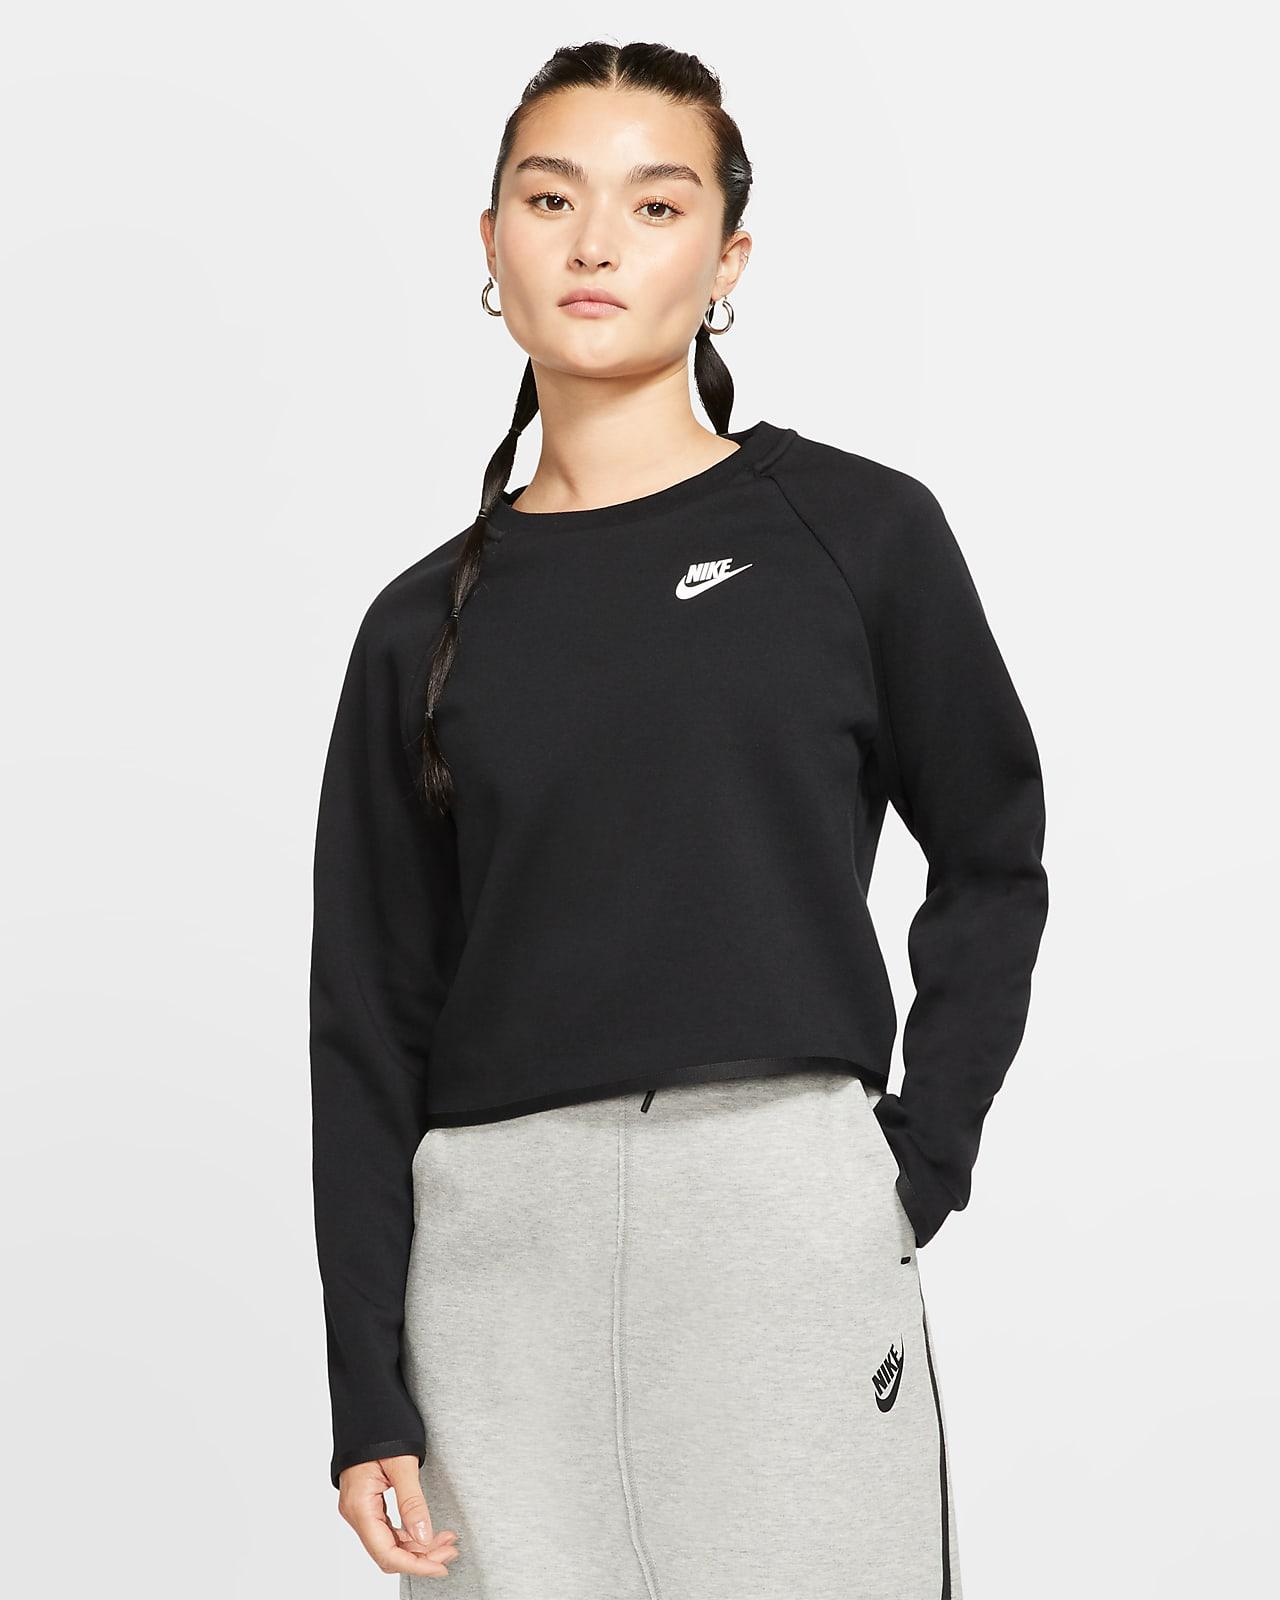 Nike Sportswear Tech Fleece Women S Crew Nike Ie